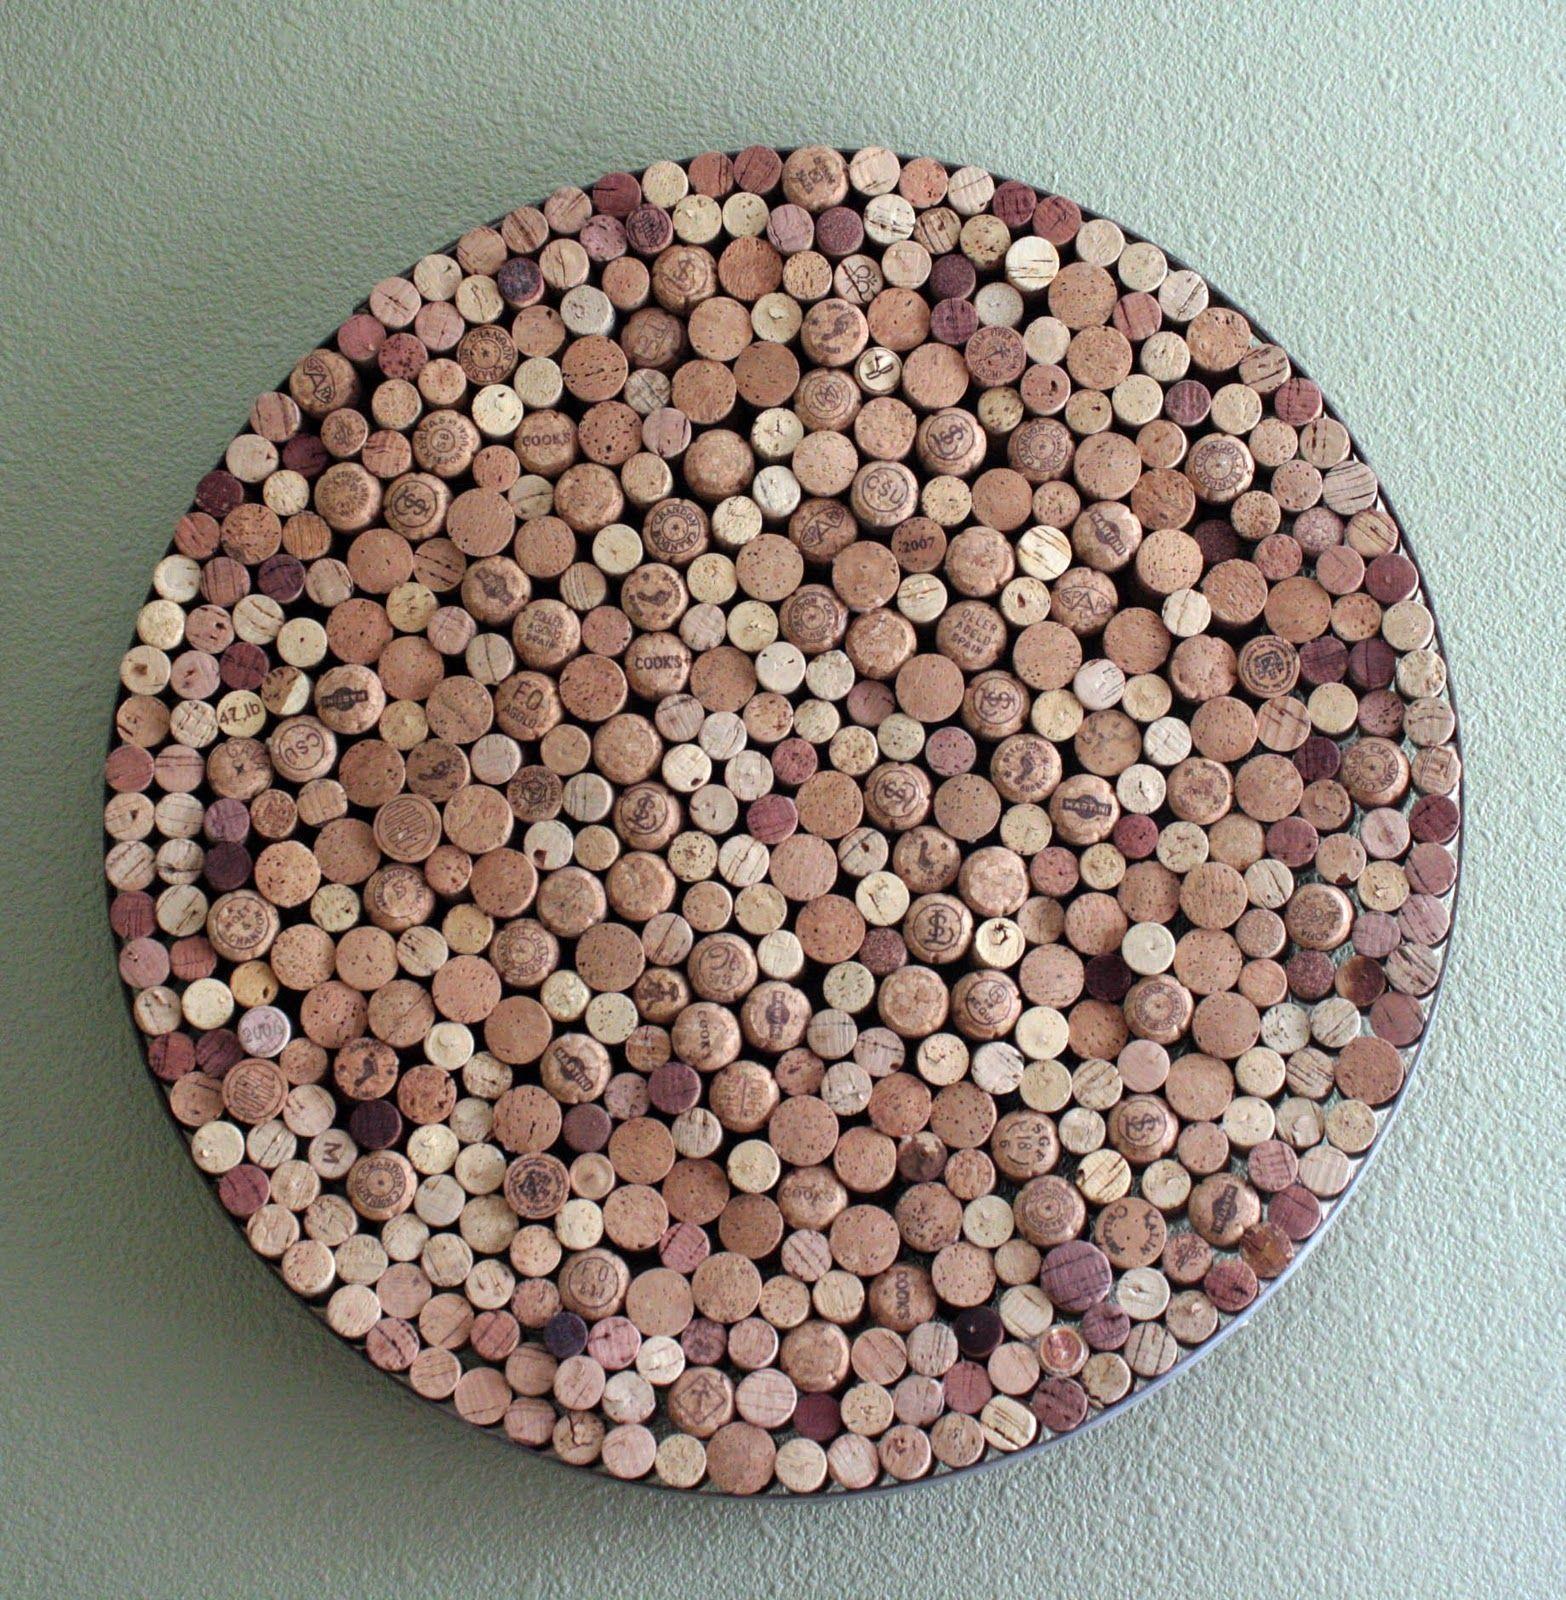 Cork art craftdo it yourself ideas pinterest cork art cork cork art solutioingenieria Gallery